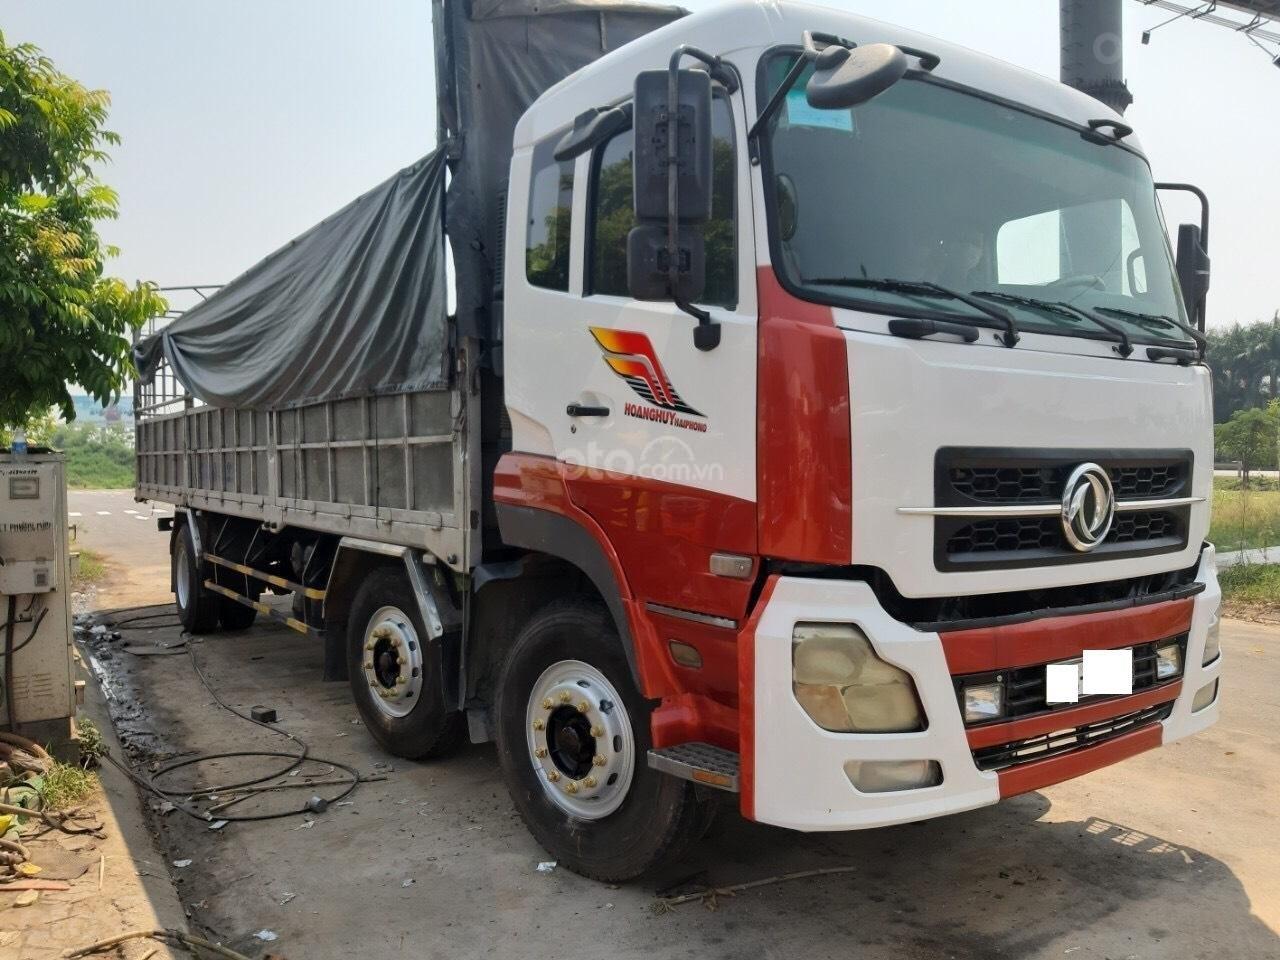 Cần bán xe tải Hoàng Huy 2 dí thùng dài, tải cao, lốp mới cả giàn (3)